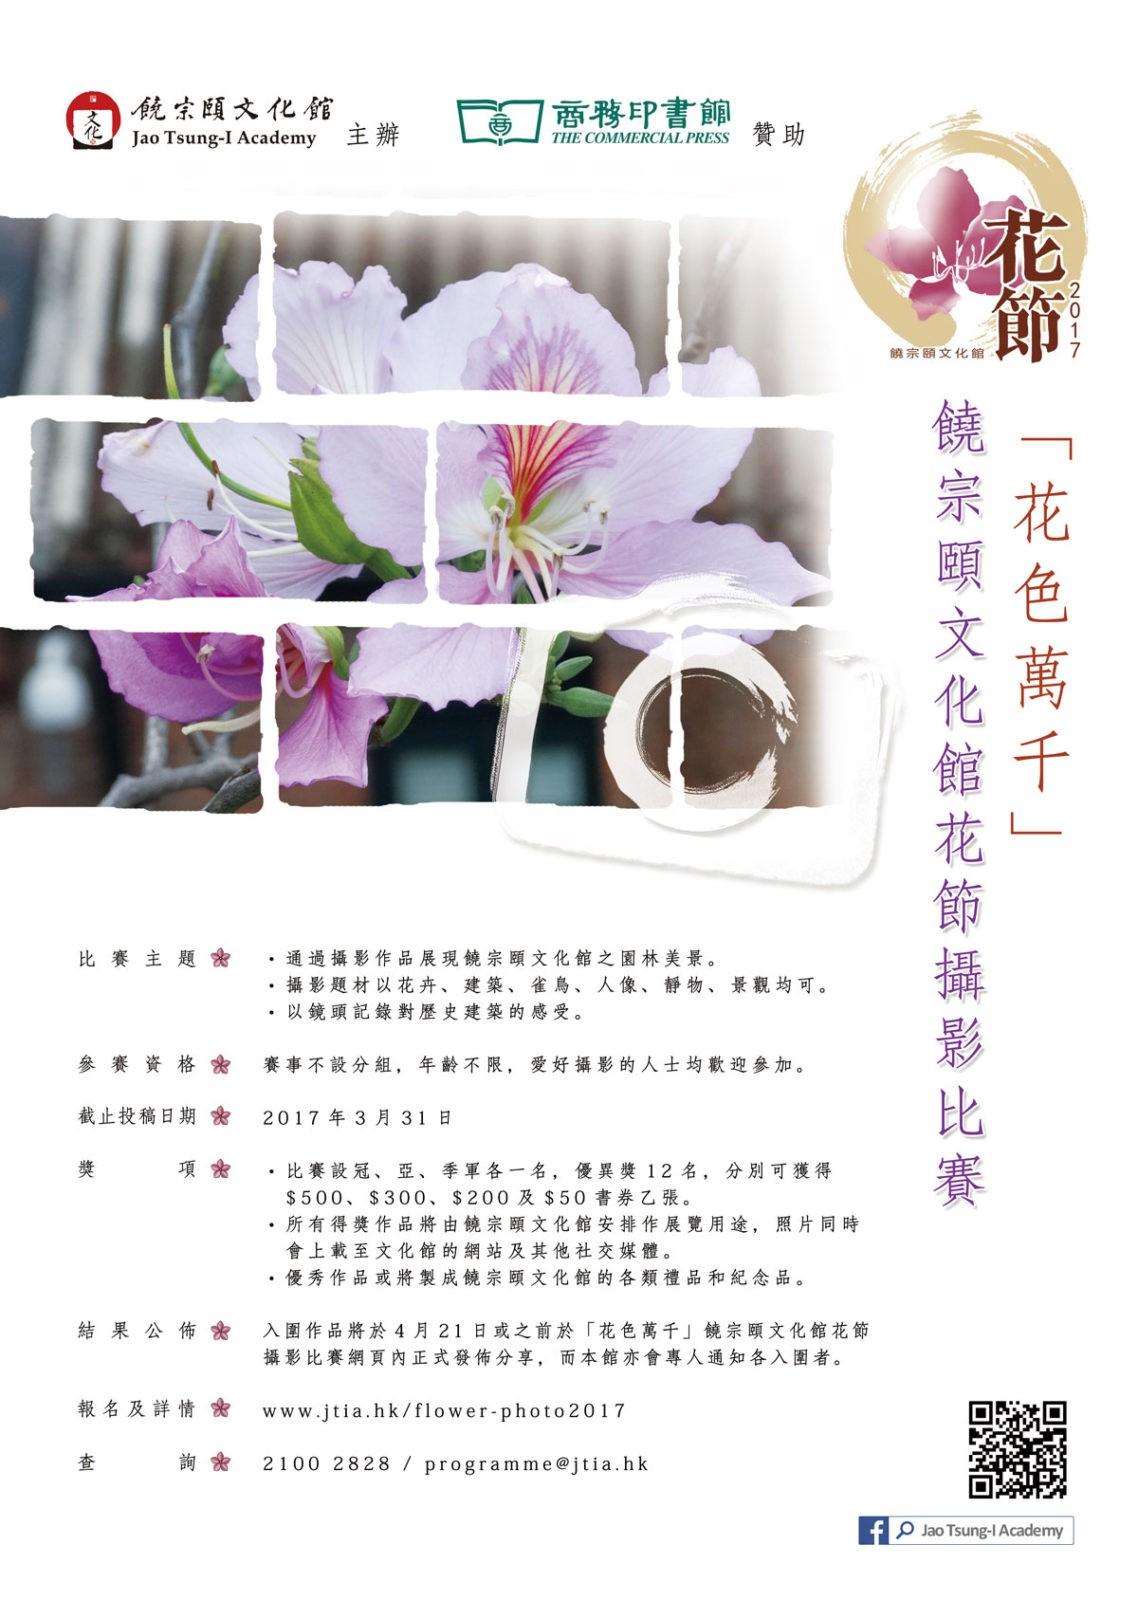 花節2017_攝影比賽_final_20170216